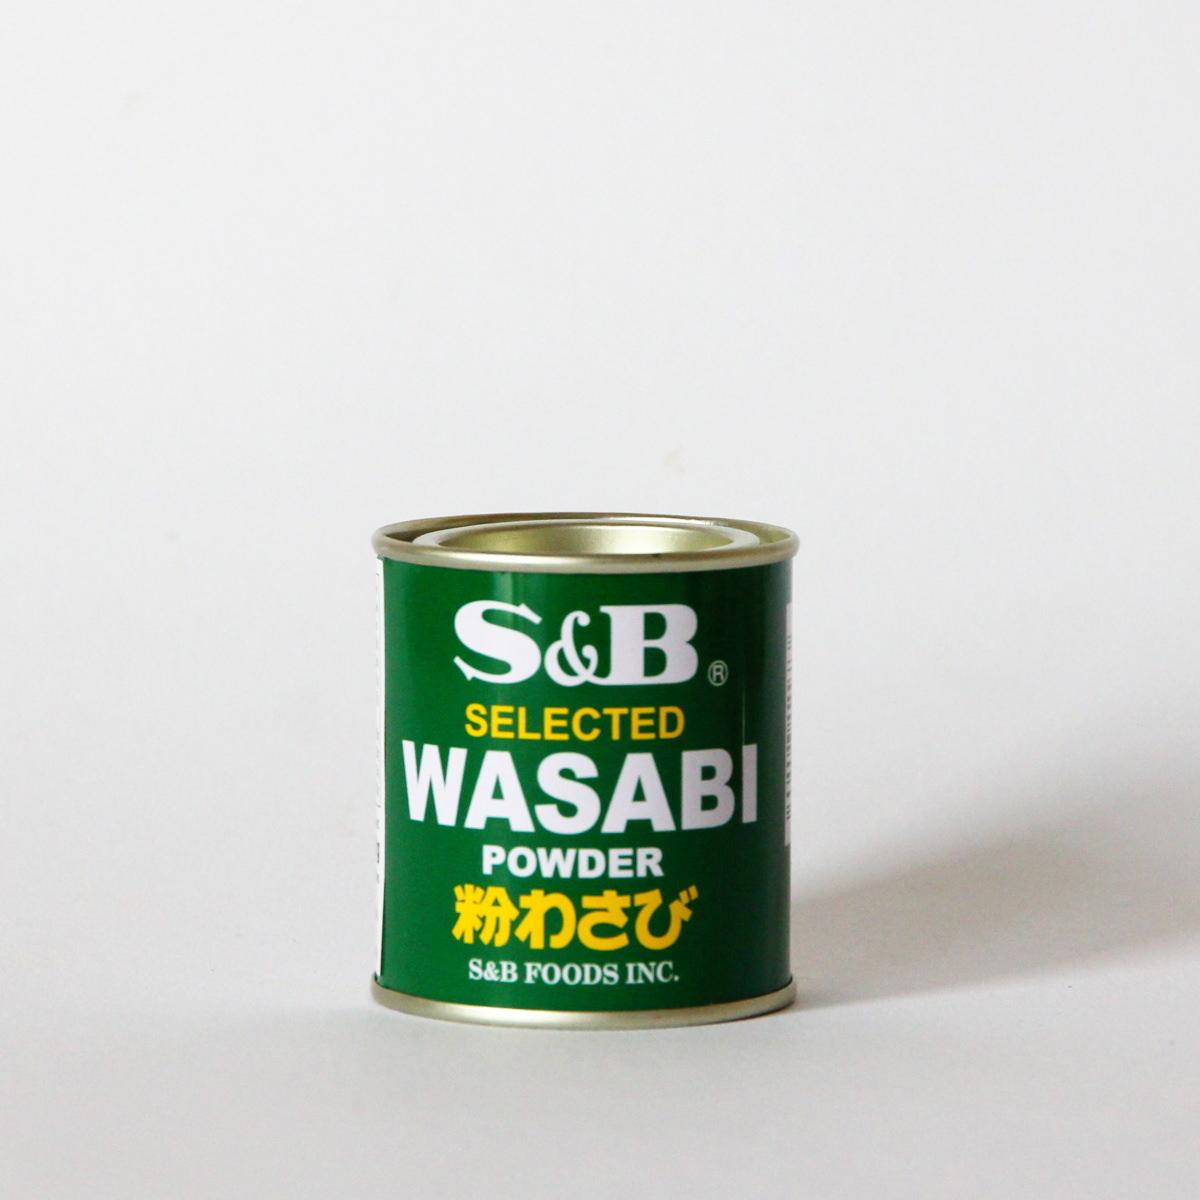 Wasabi Pulver 30g (für selbstgemachtes Wasabi), S&B